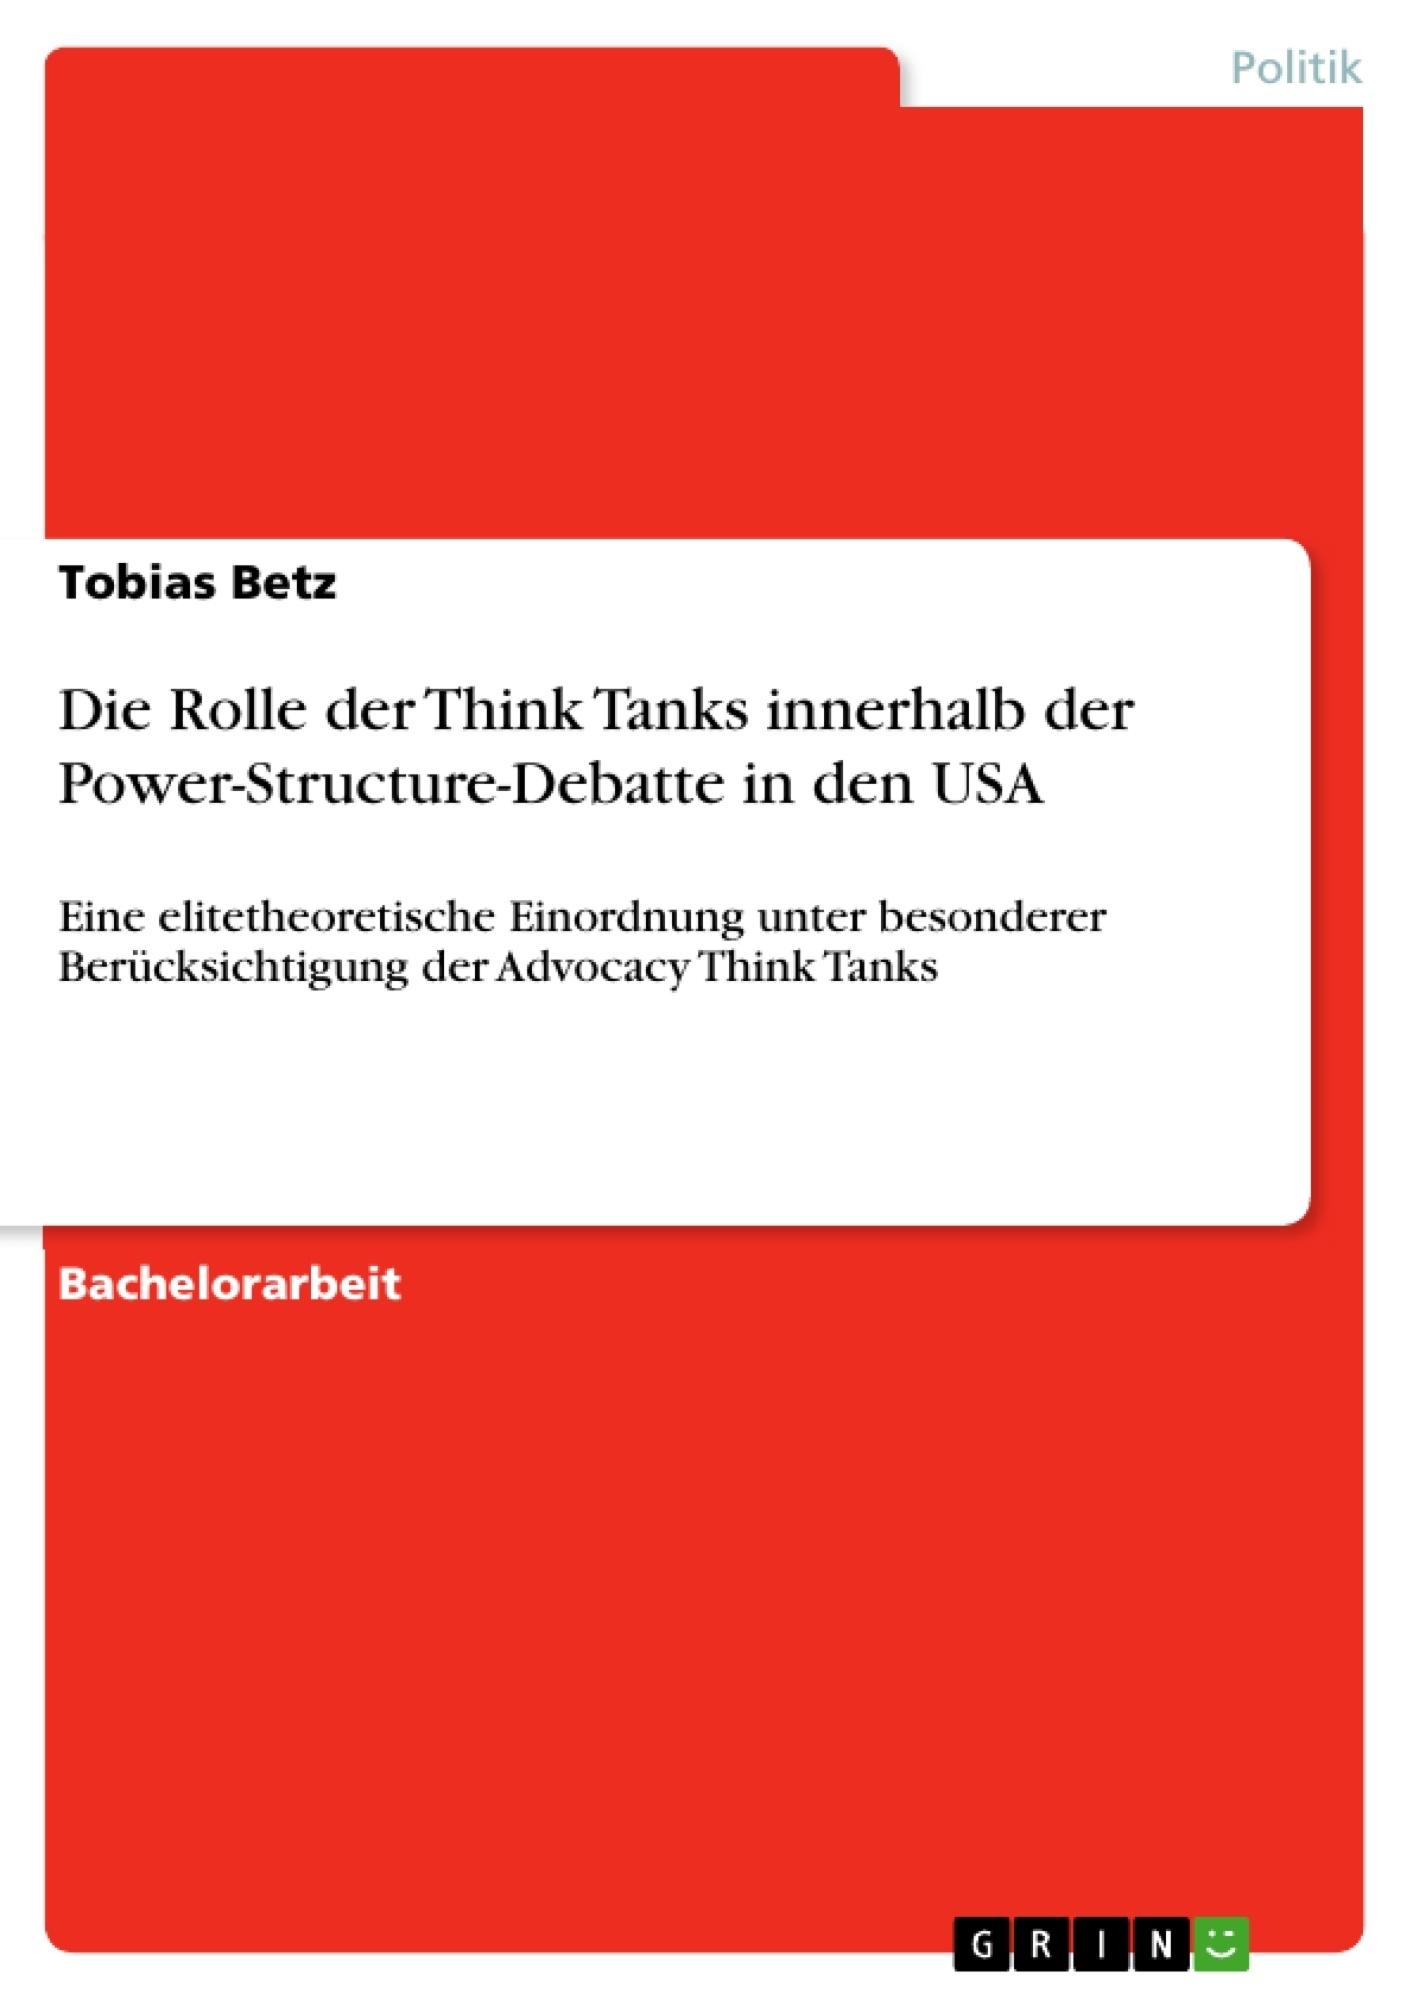 Titel: Die Rolle der Think Tanks innerhalb der Power-Structure-Debatte in den USA